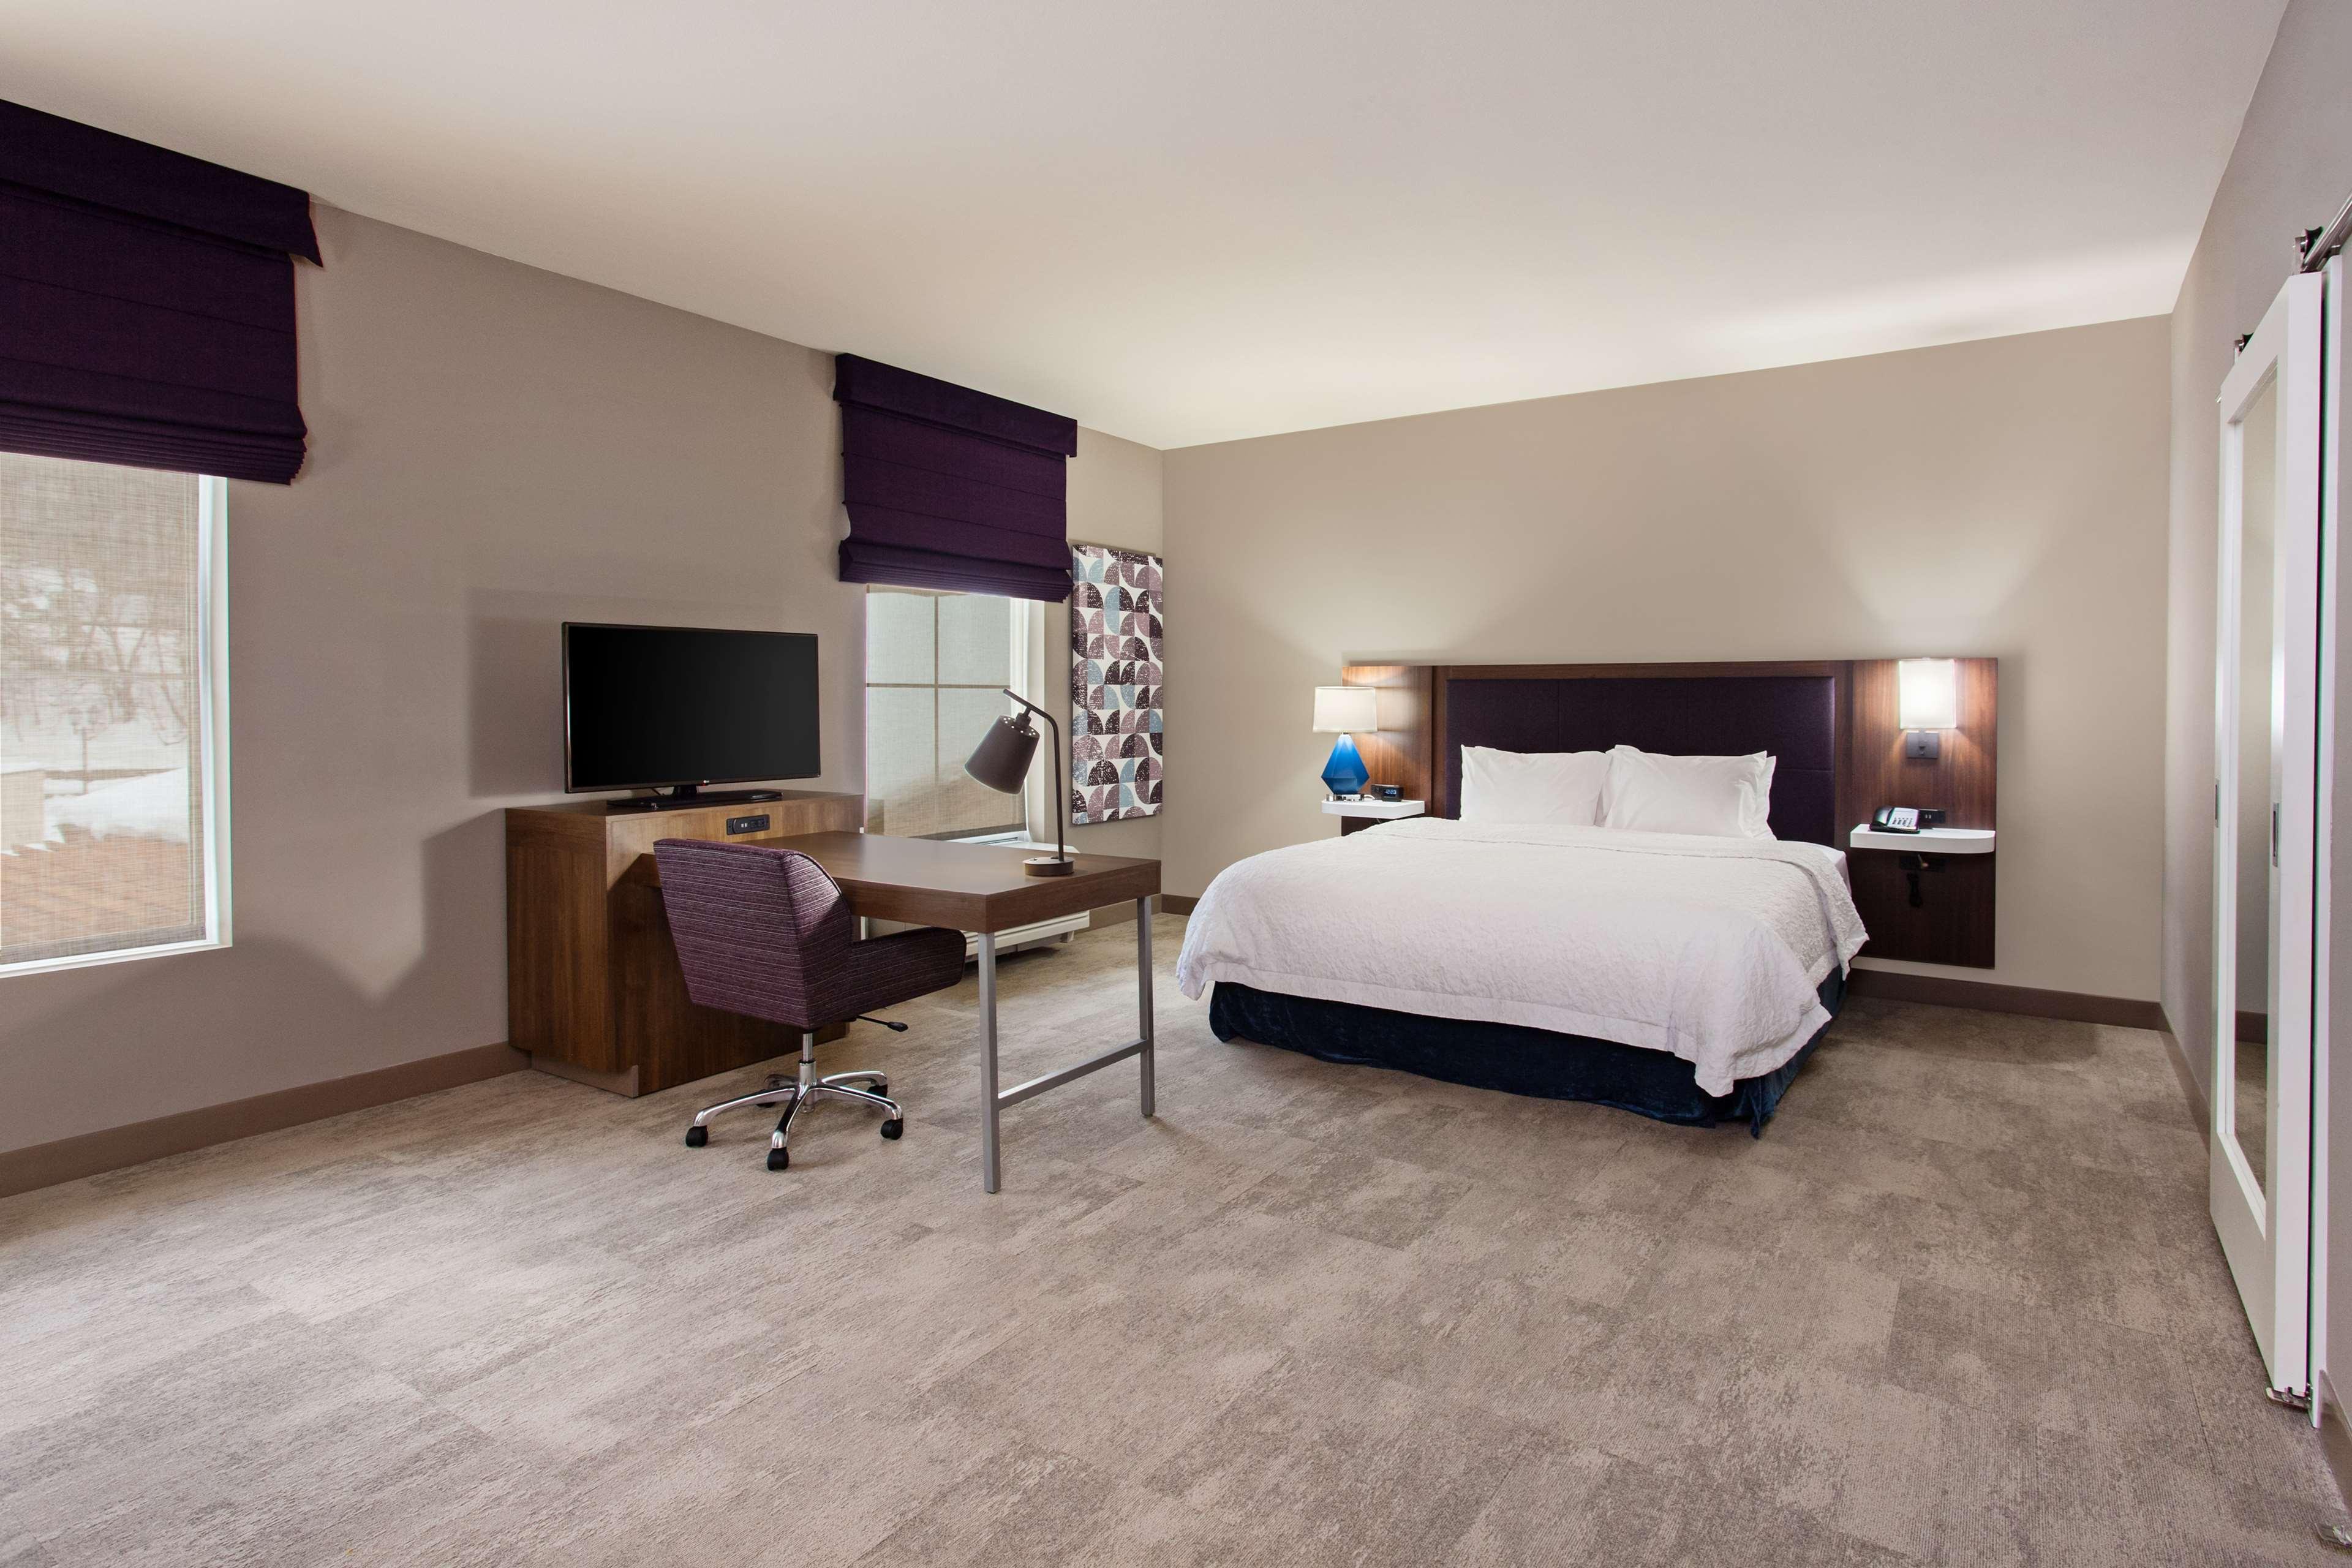 Hampton Inn & Suites Leavenworth image 25